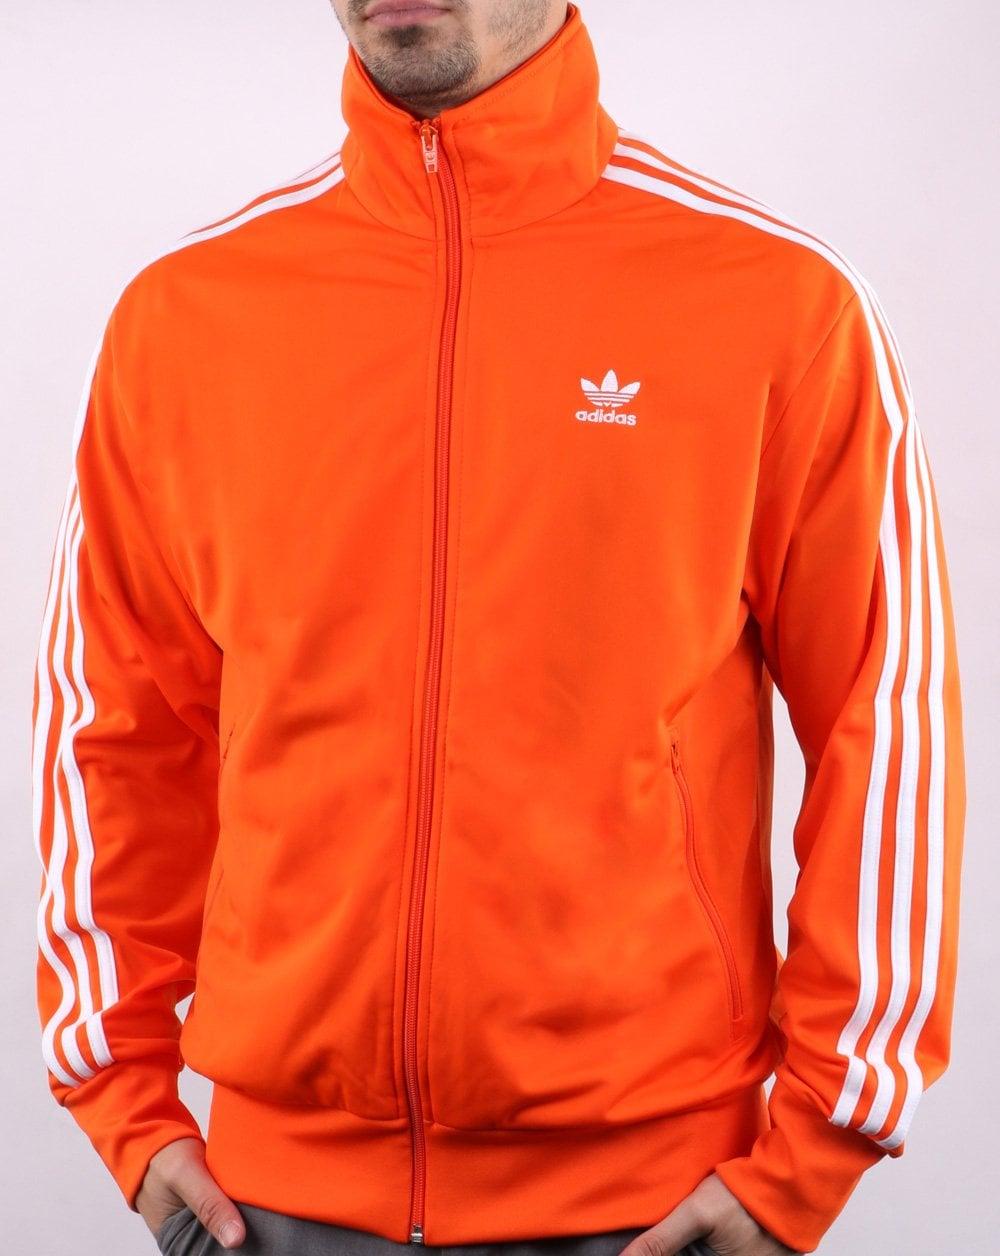 adidas original orange